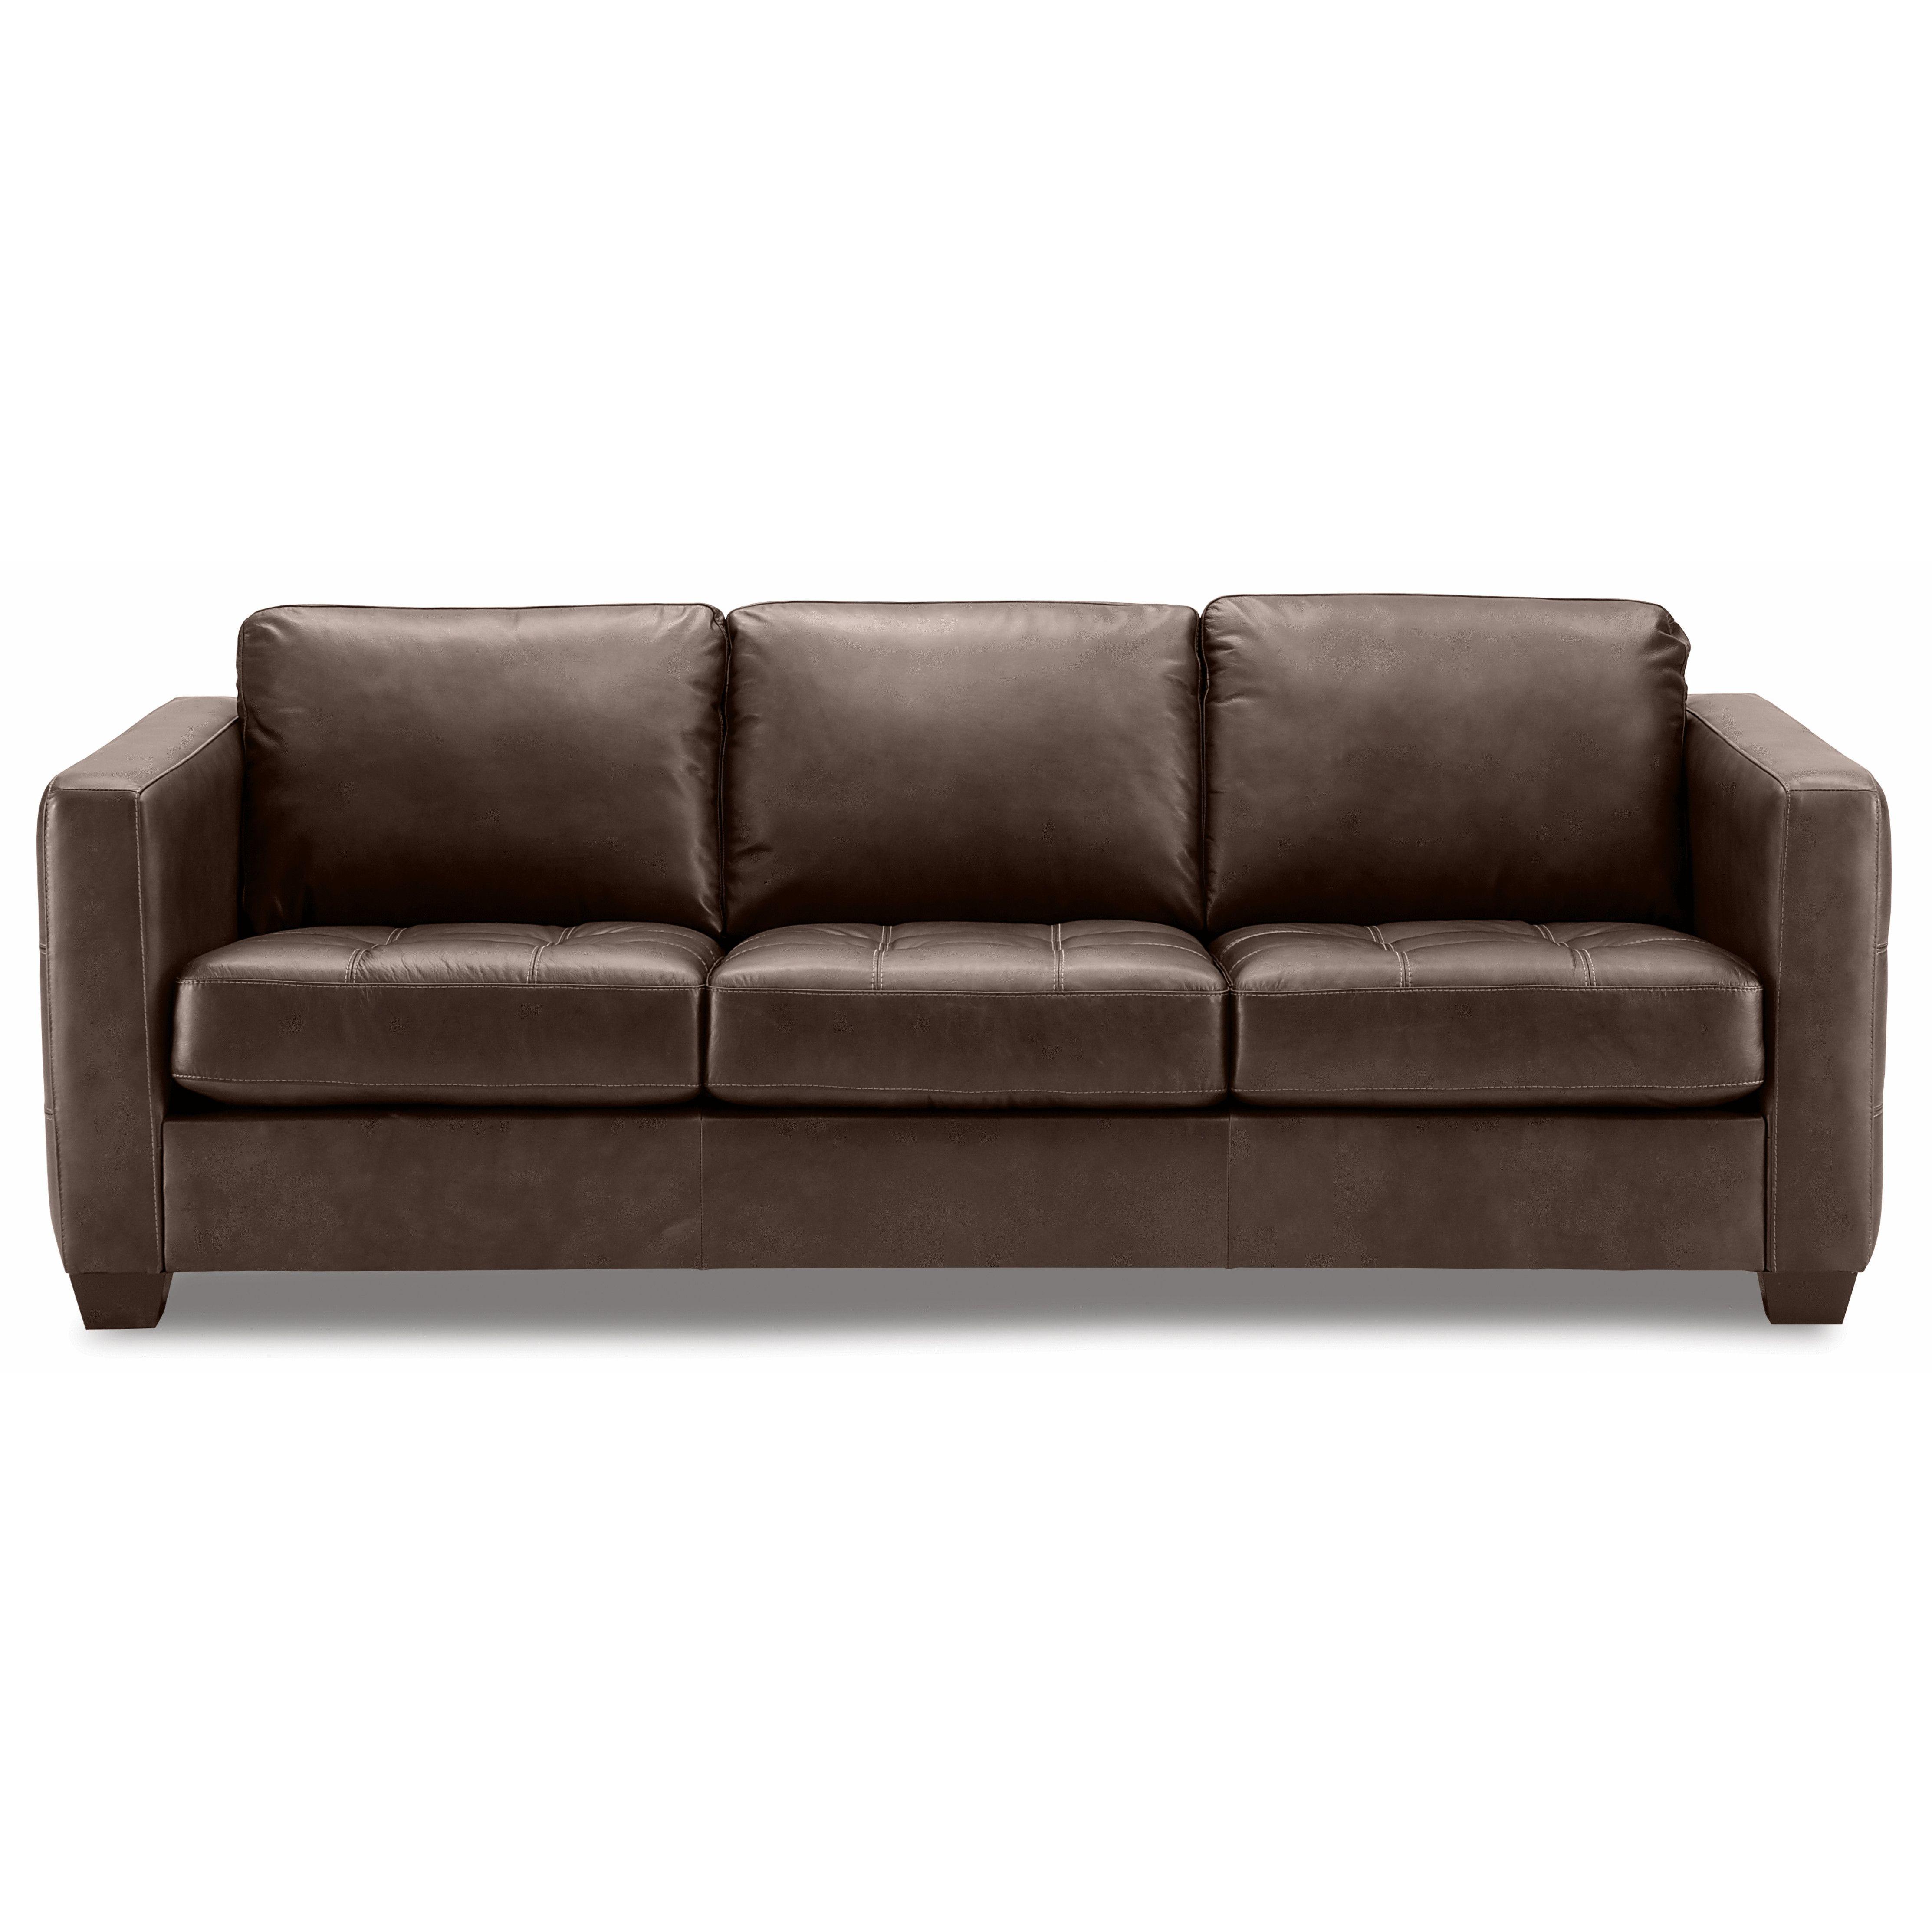 Argyle 91 Square Arm Sofa